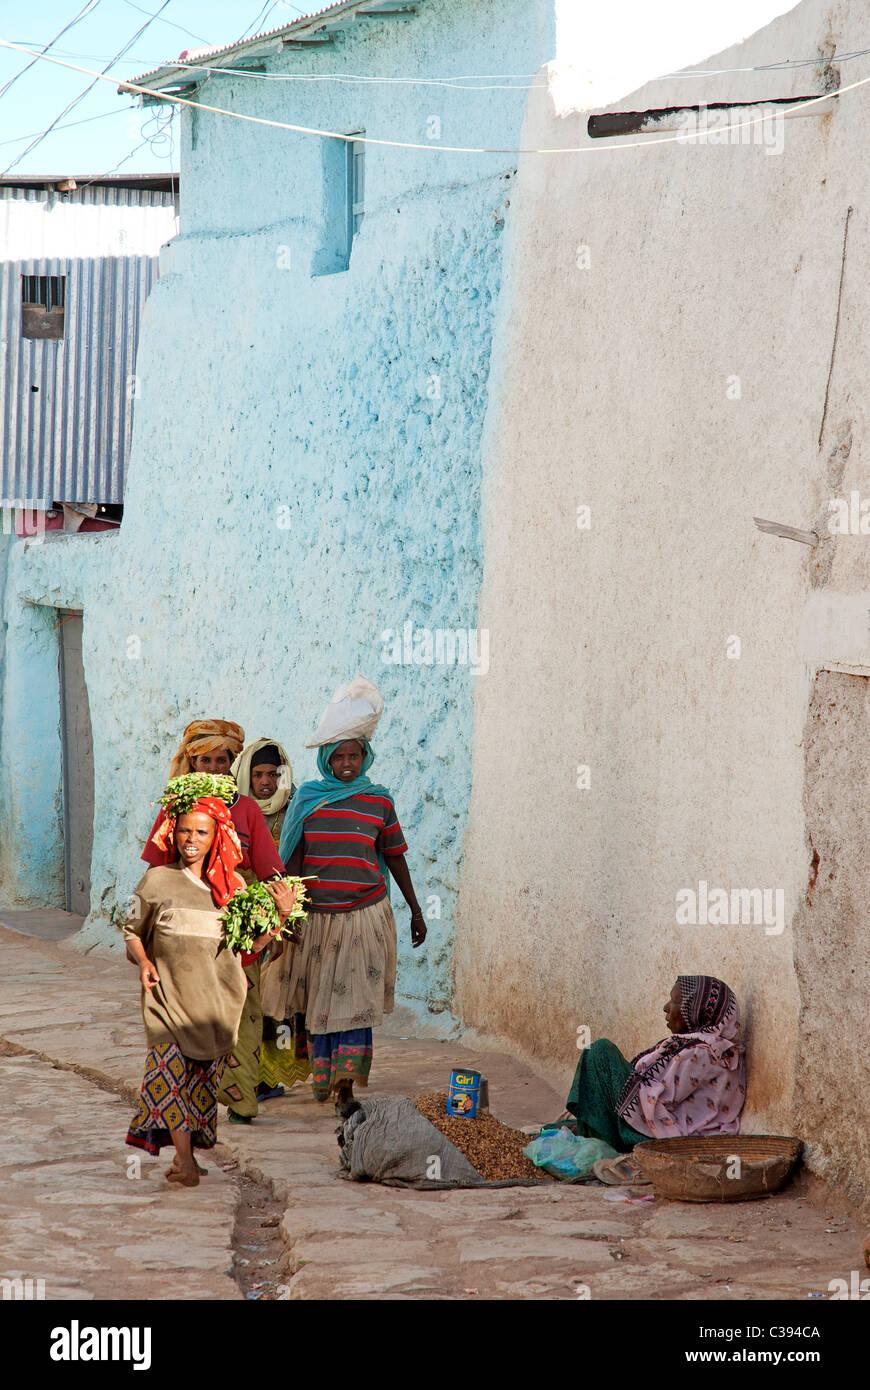 street scene in harar ethiopia - Stock Image